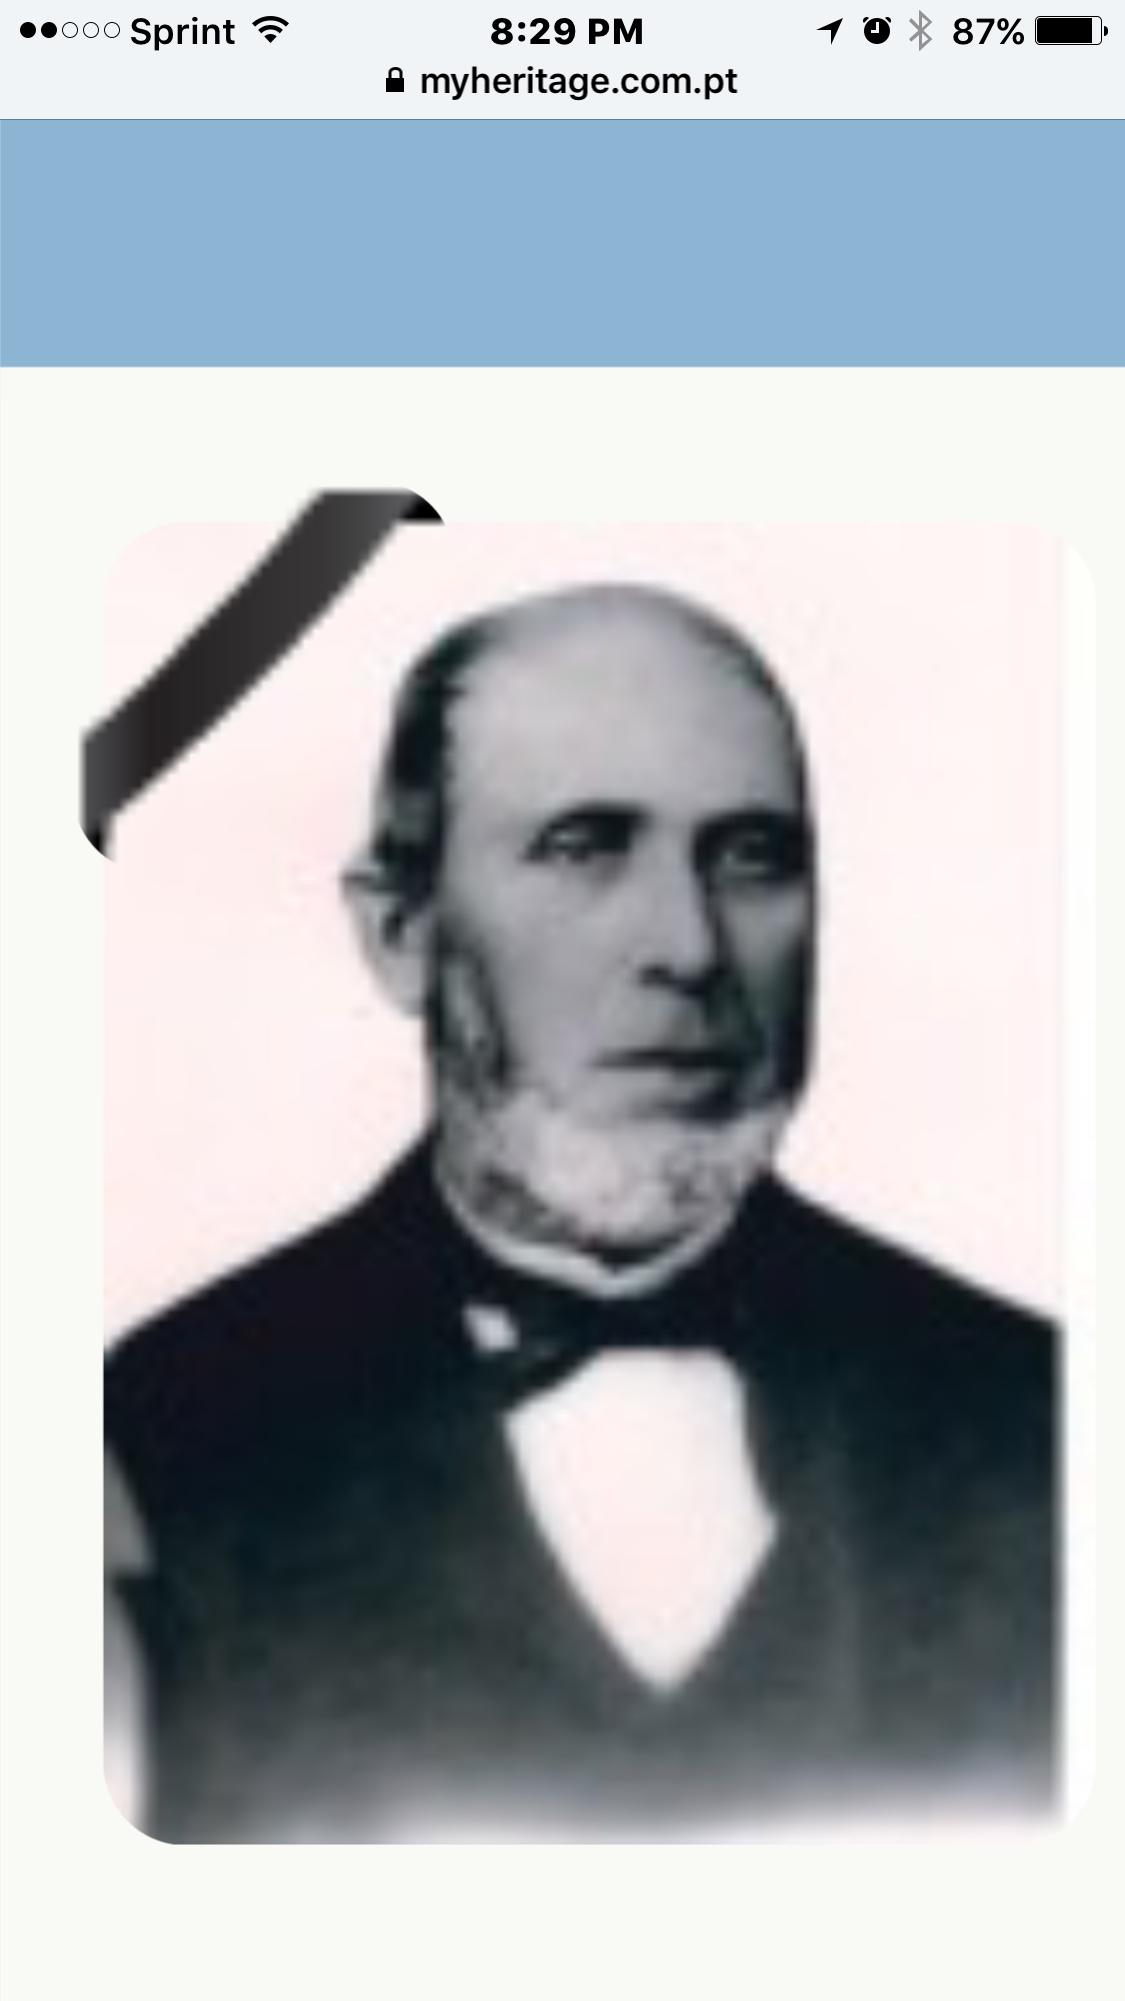 Jacinto Pacheco